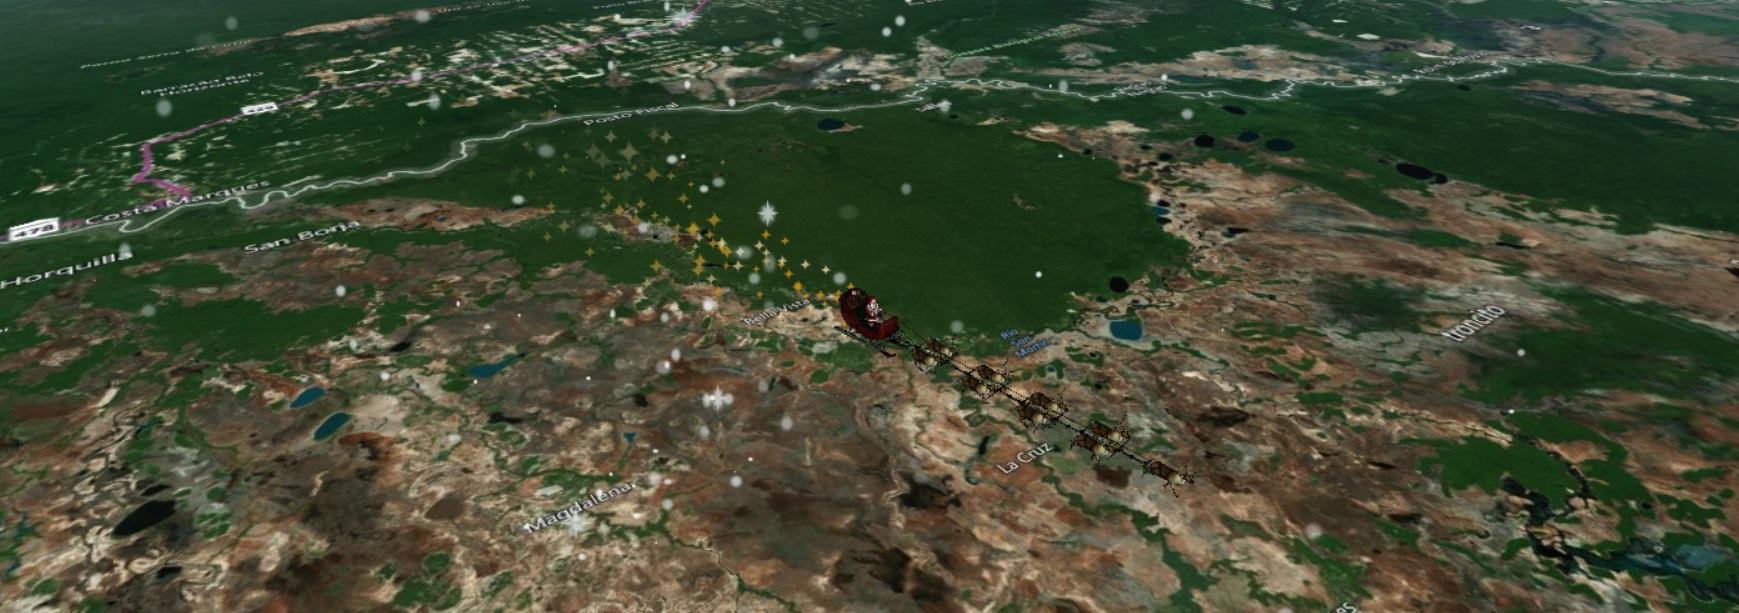 NORAD - Santa - Boliva.jpg